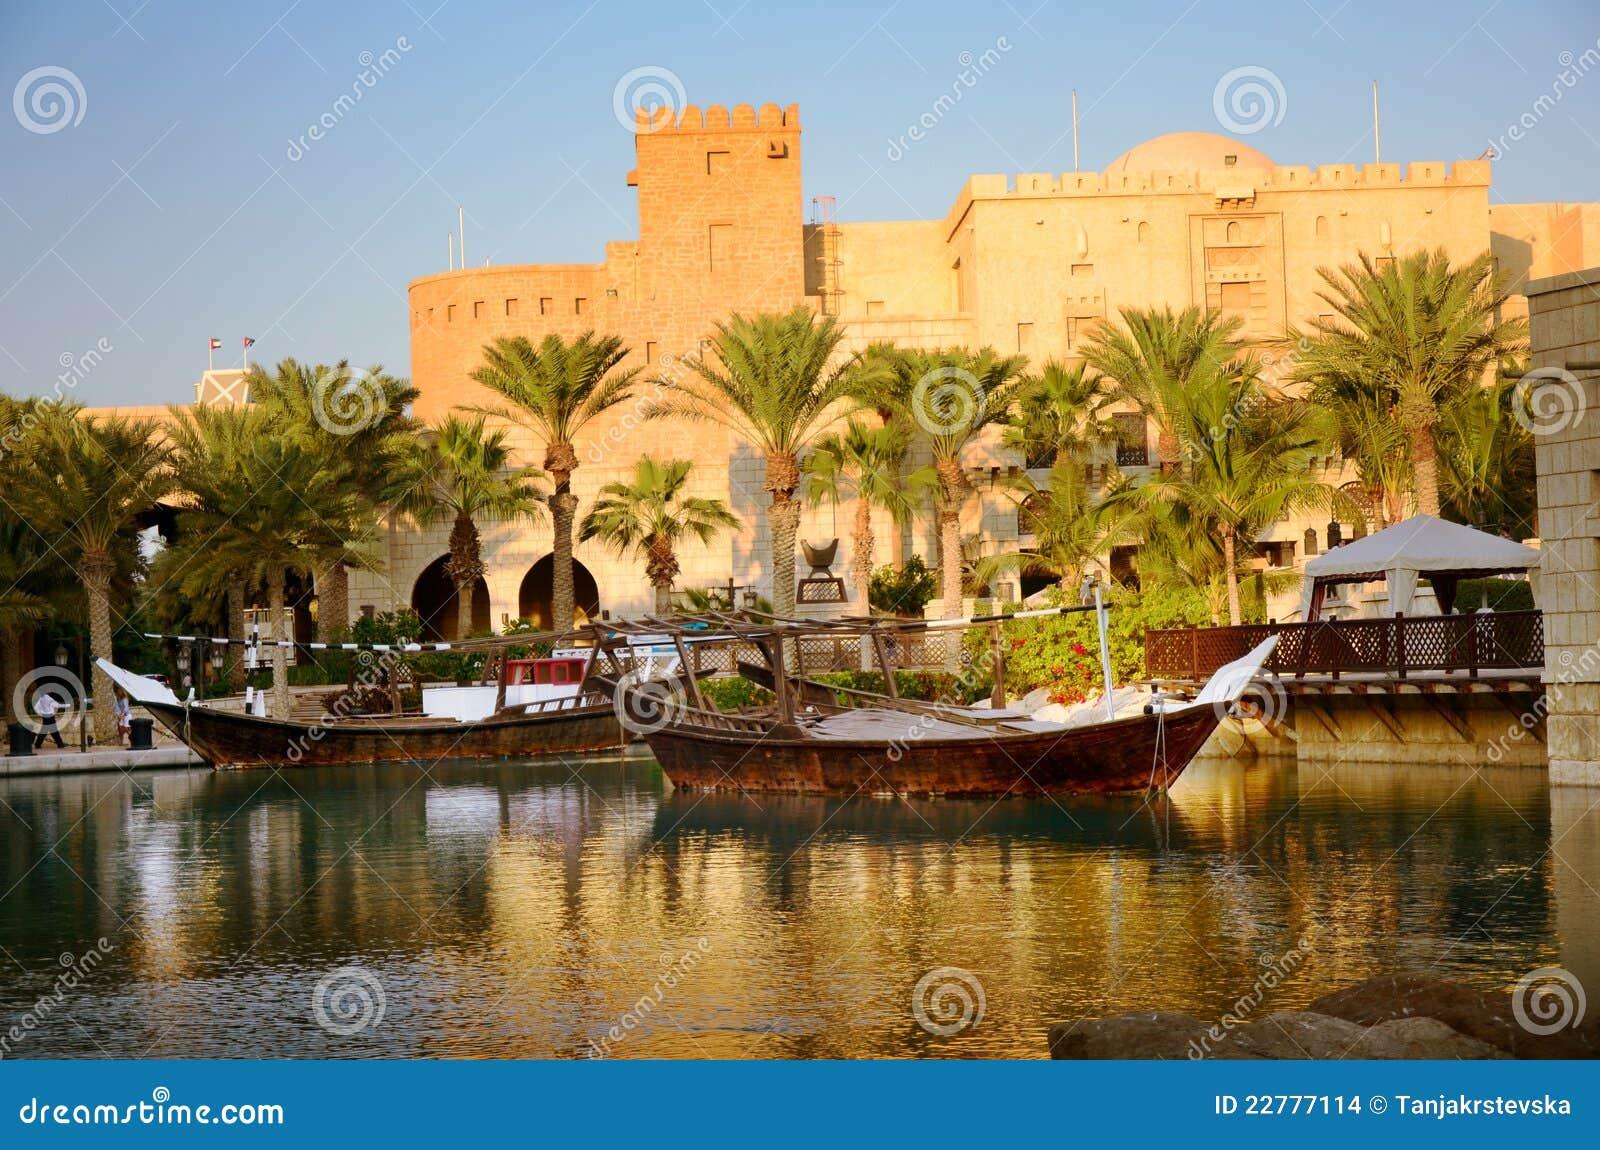 Dubai uea